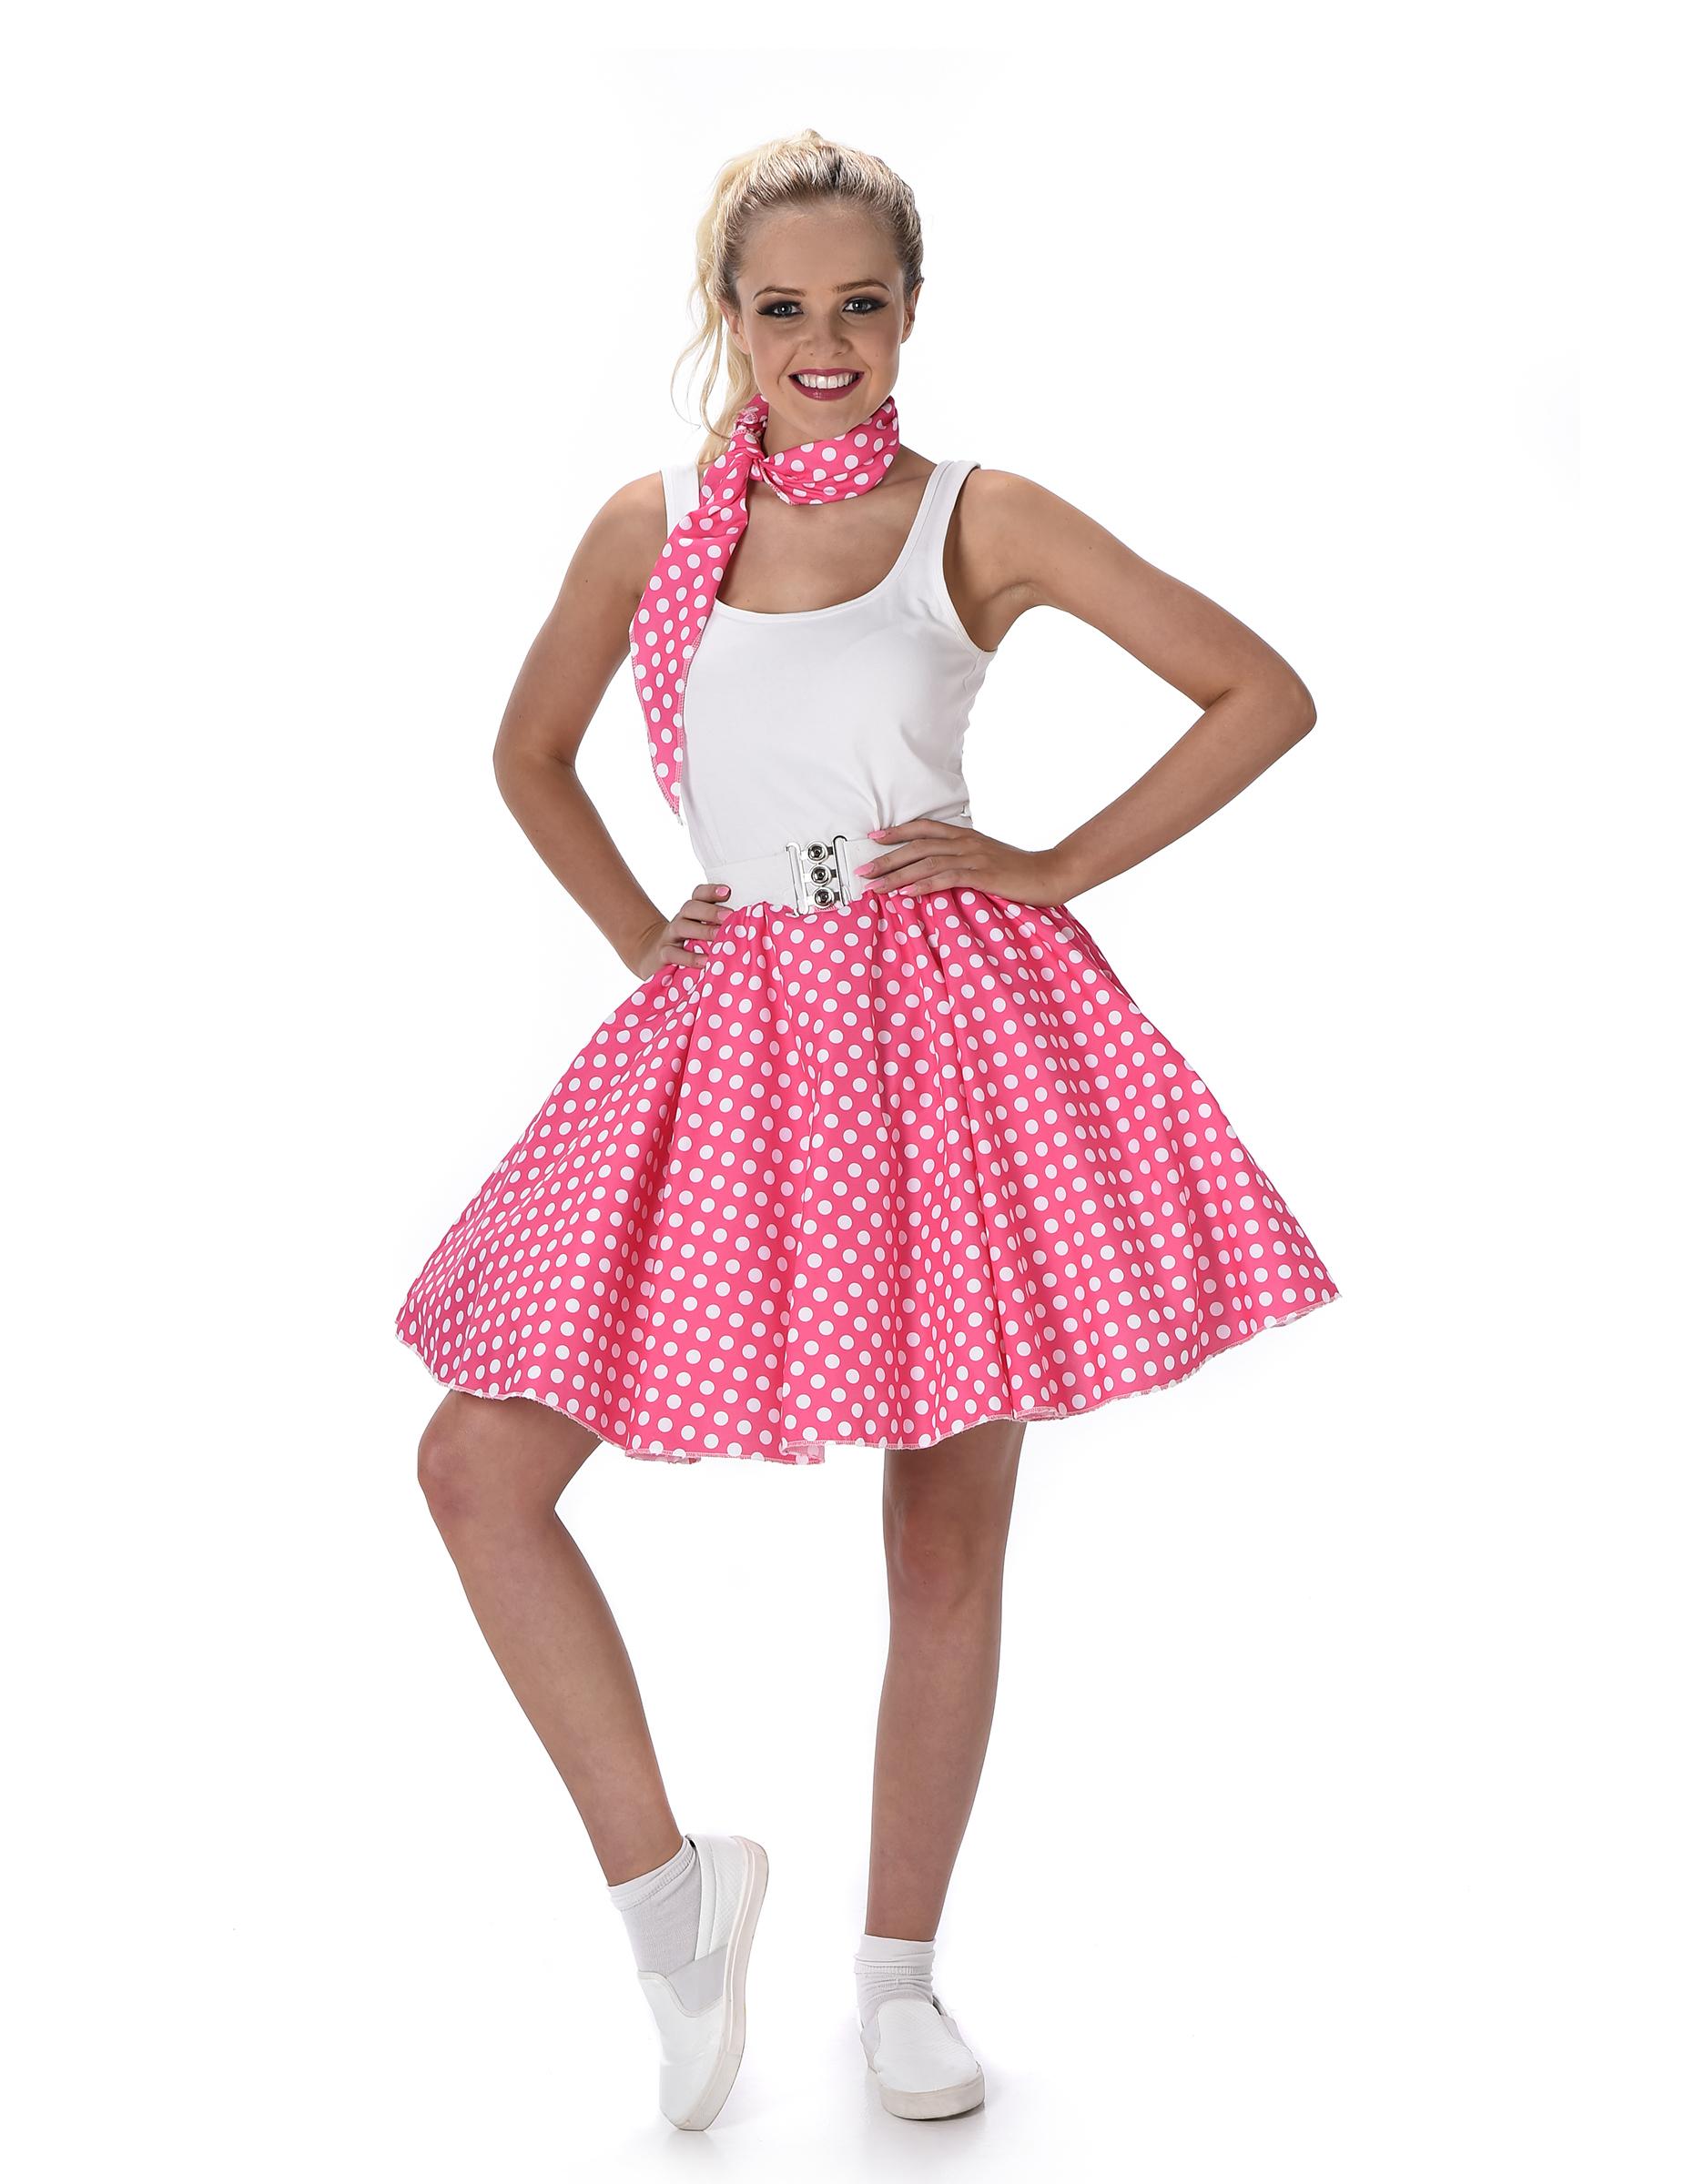 309430c620be7d 50er Jahre Kostüm für Damen pink-weiß gepunktet Rockabilly